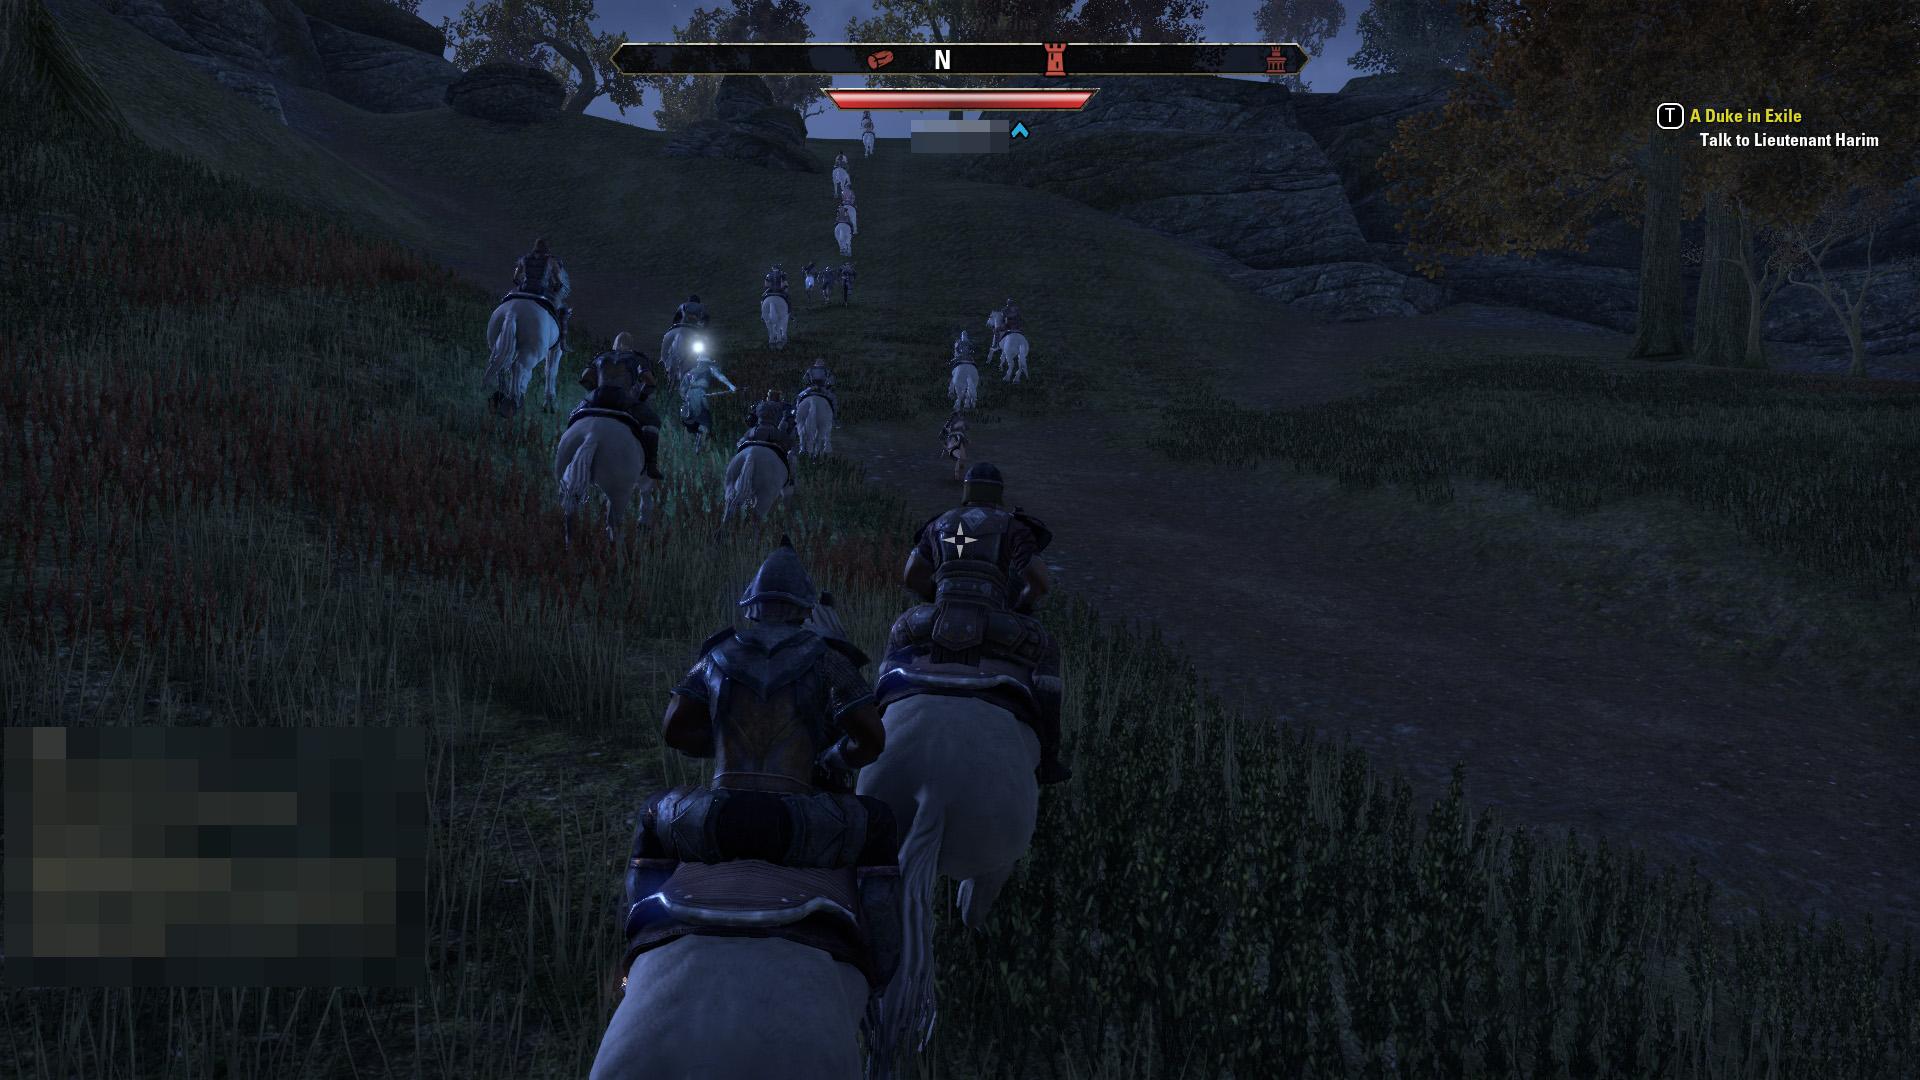 集団で馬に乗って進むのは楽しい